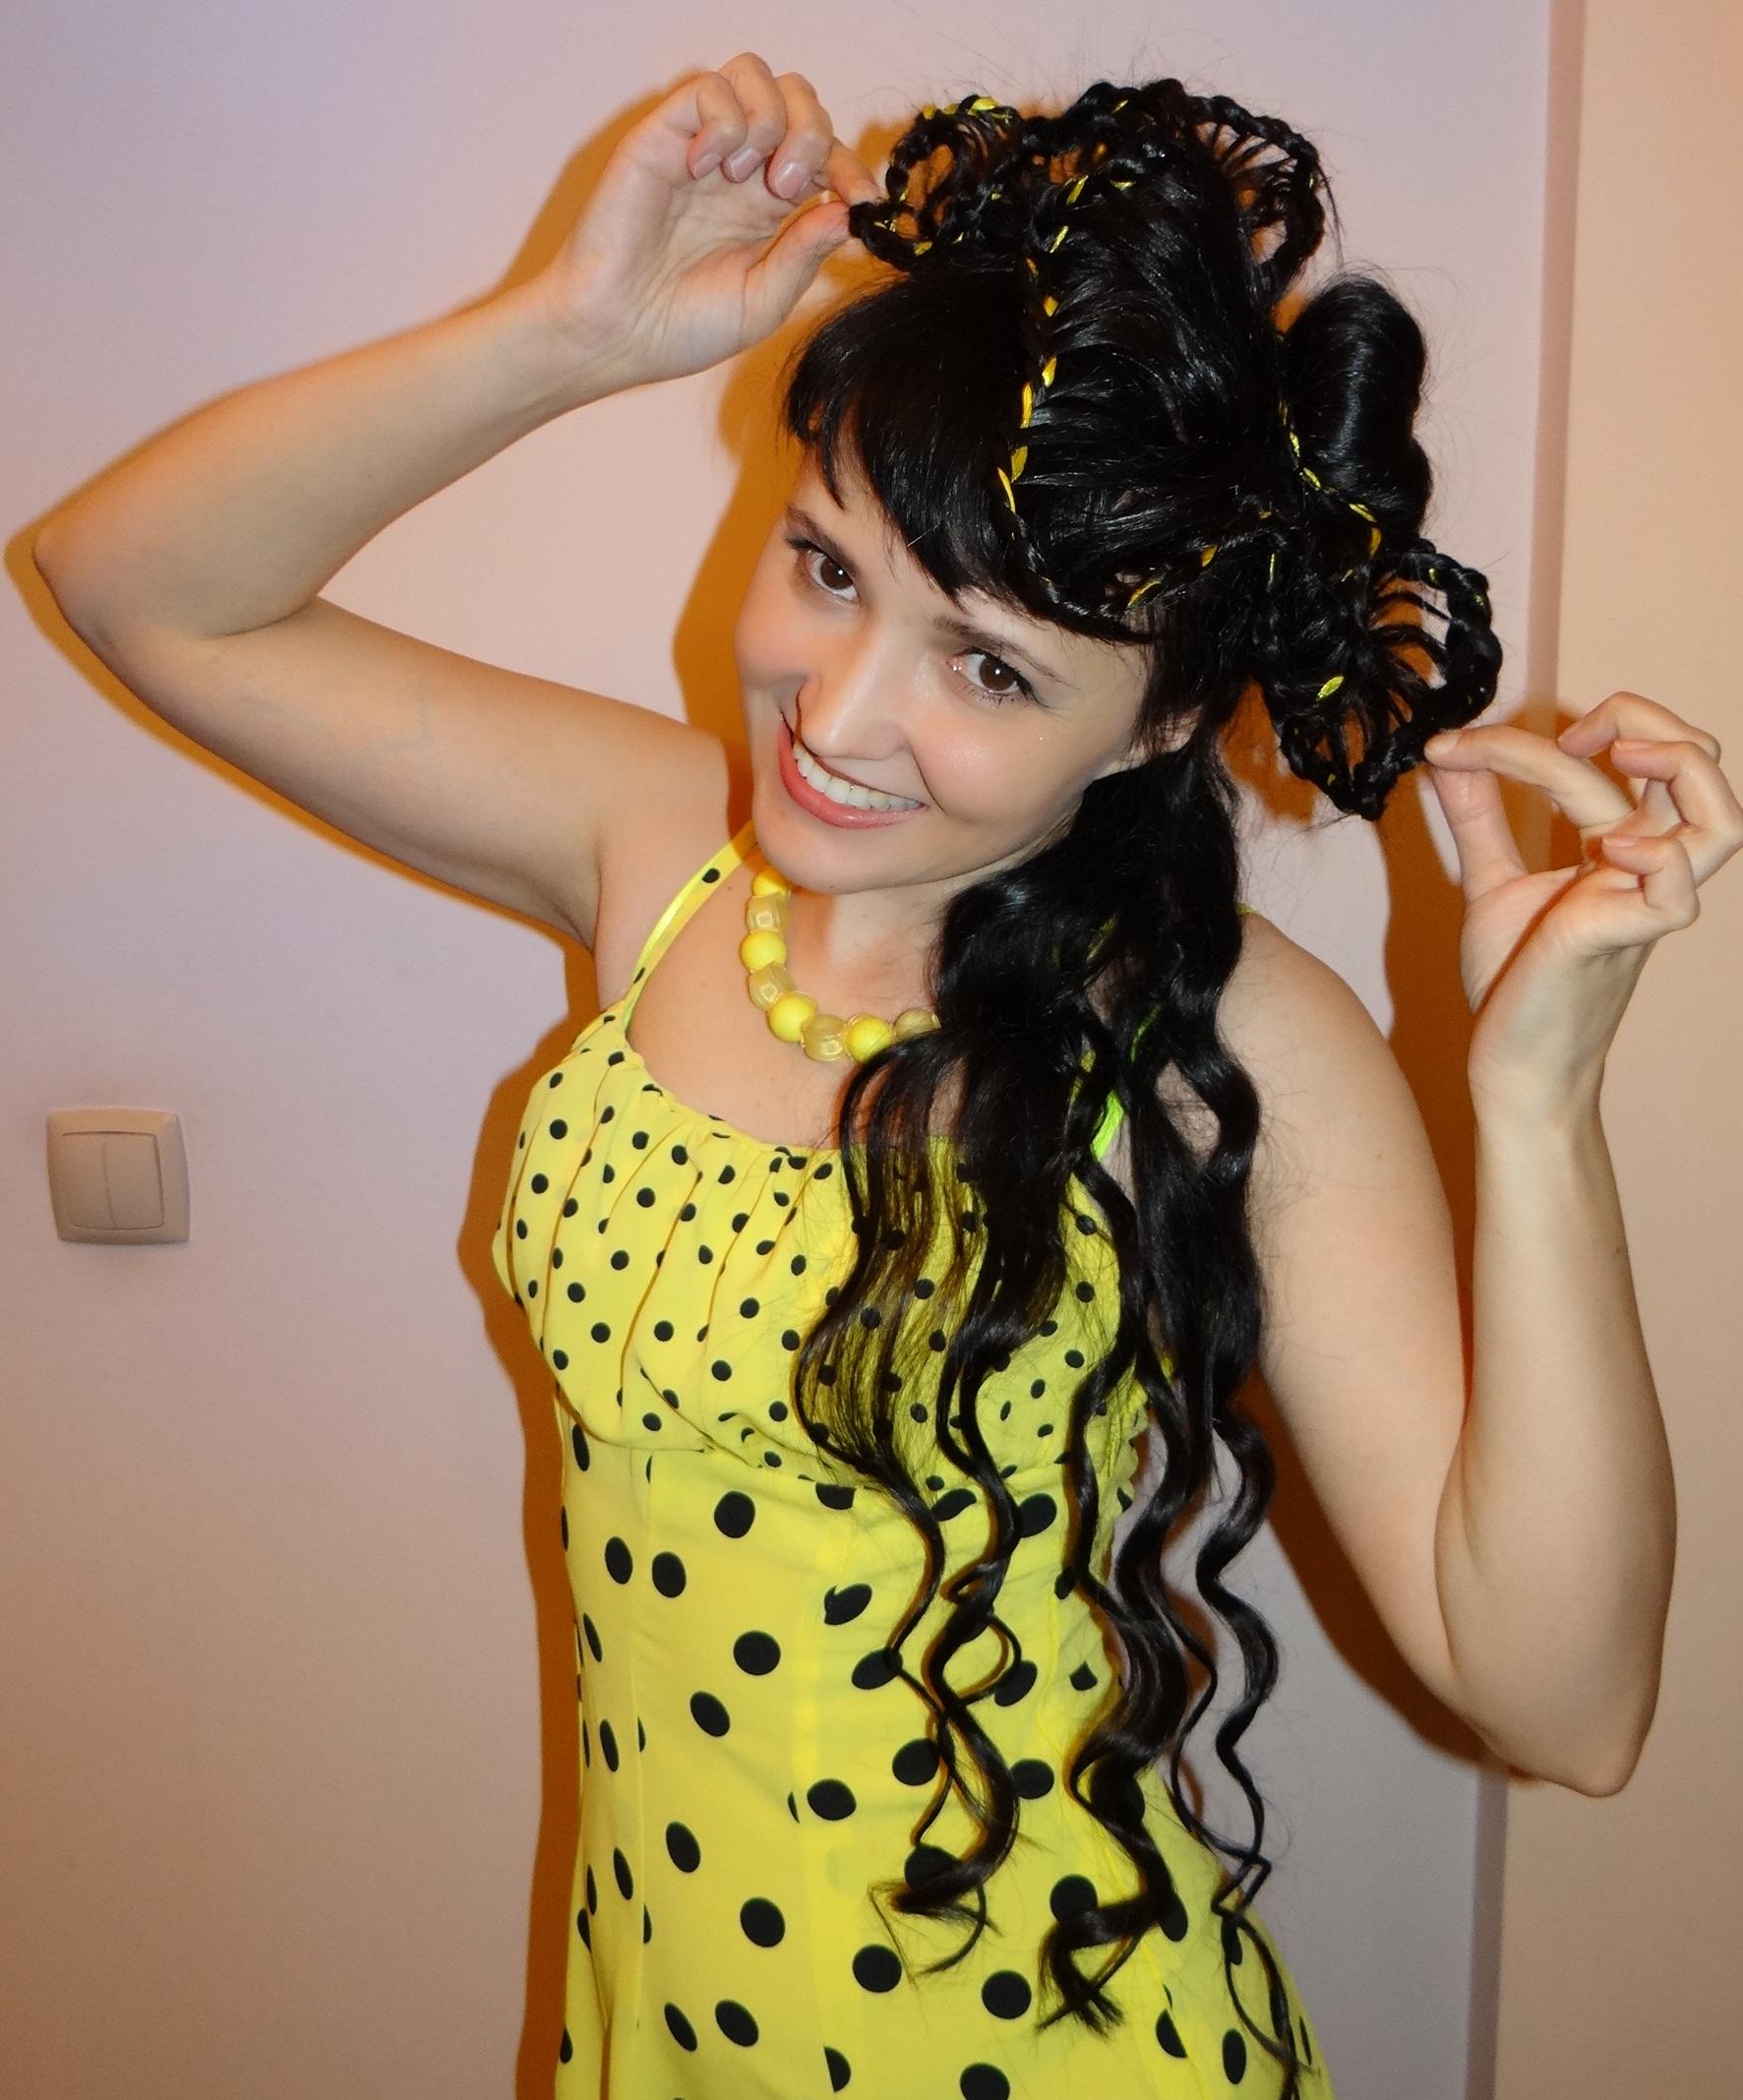 Шляпка из волос для моего яркого настроения!. Прическа под настроение